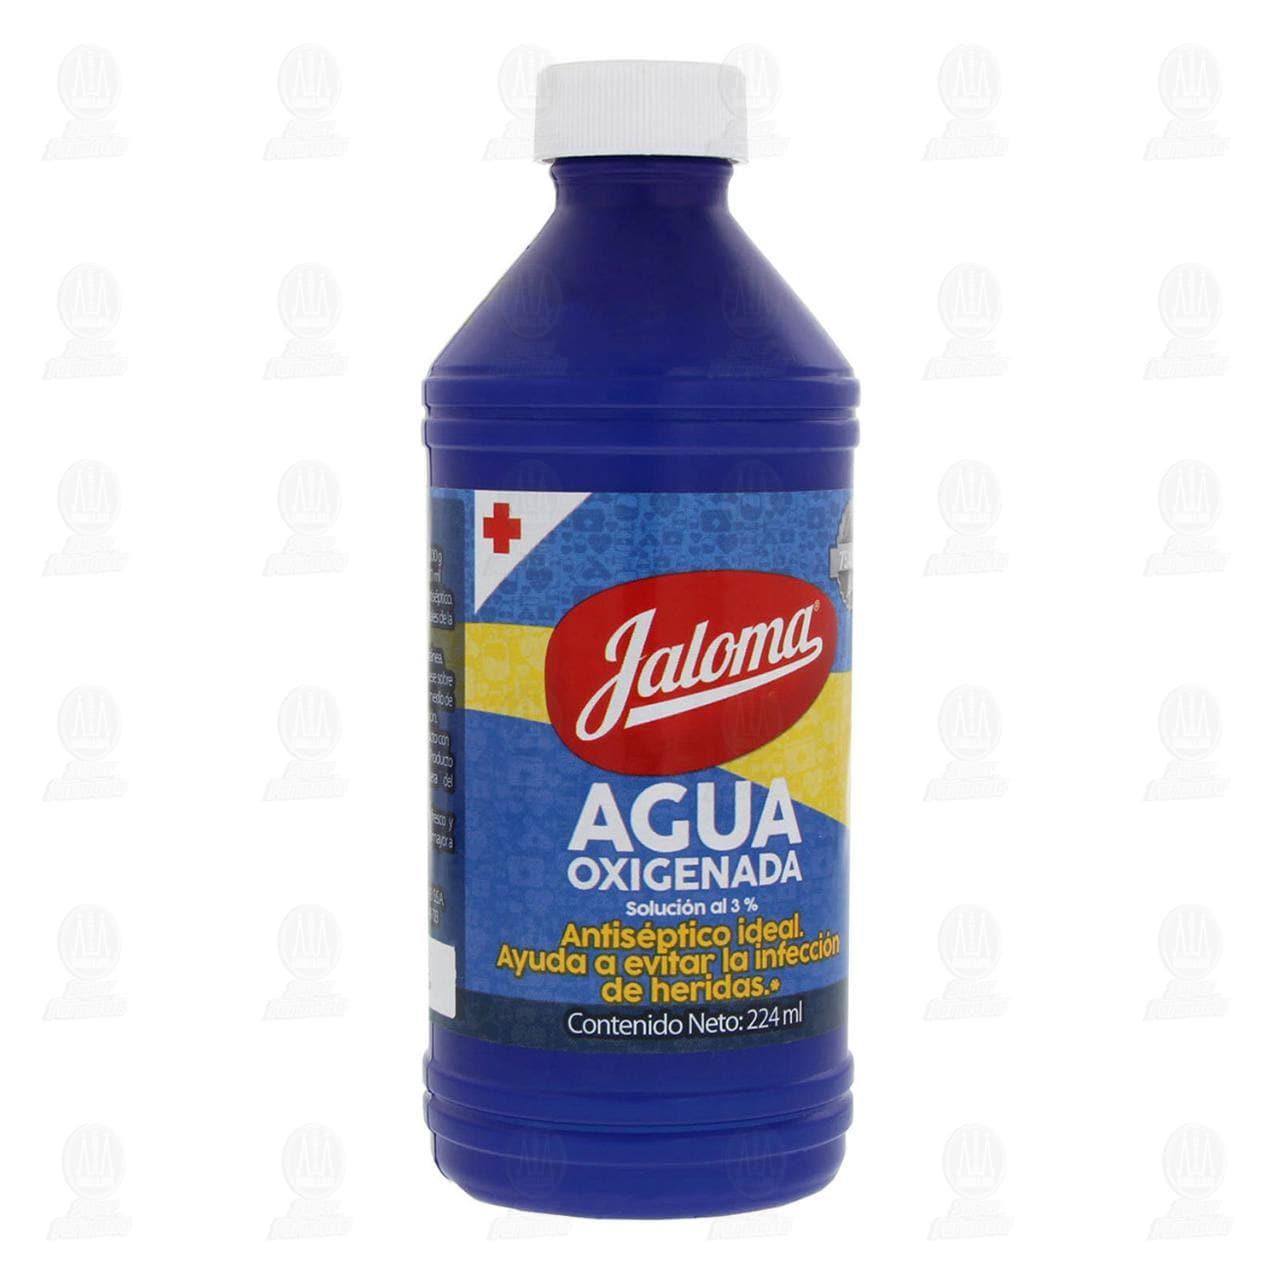 Agua Oxigenada Jaloma 224ml